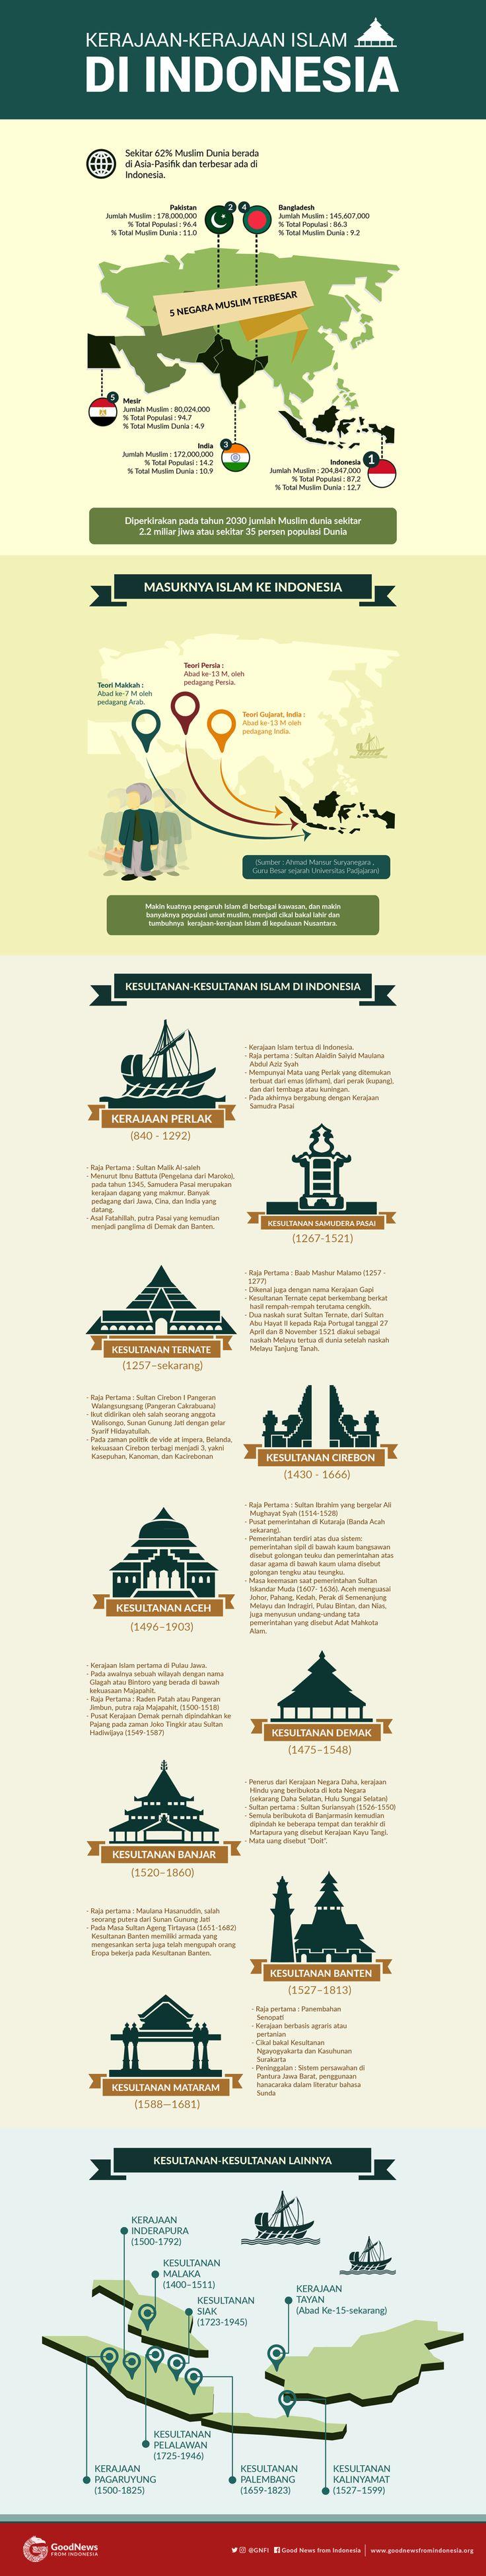 Kerajaan-kerajaan Islam di Indonesia